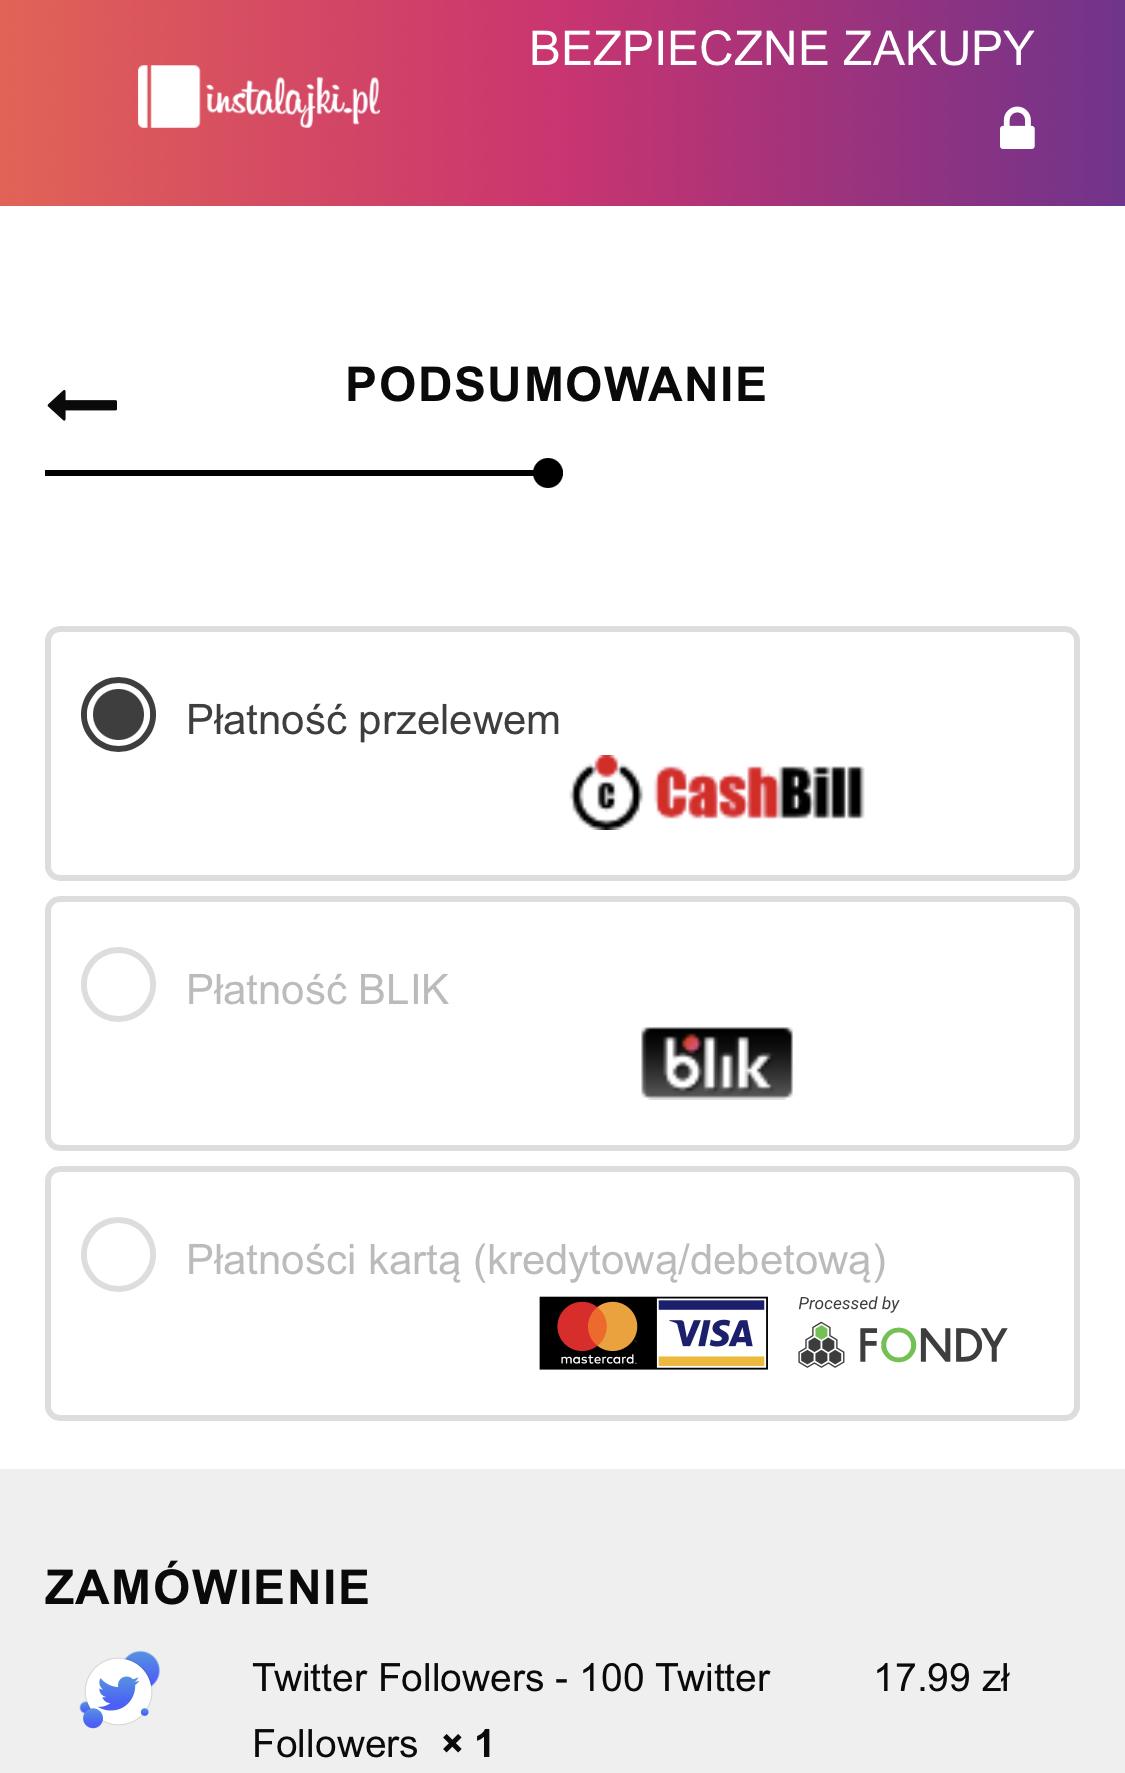 metody płatności na instalajki